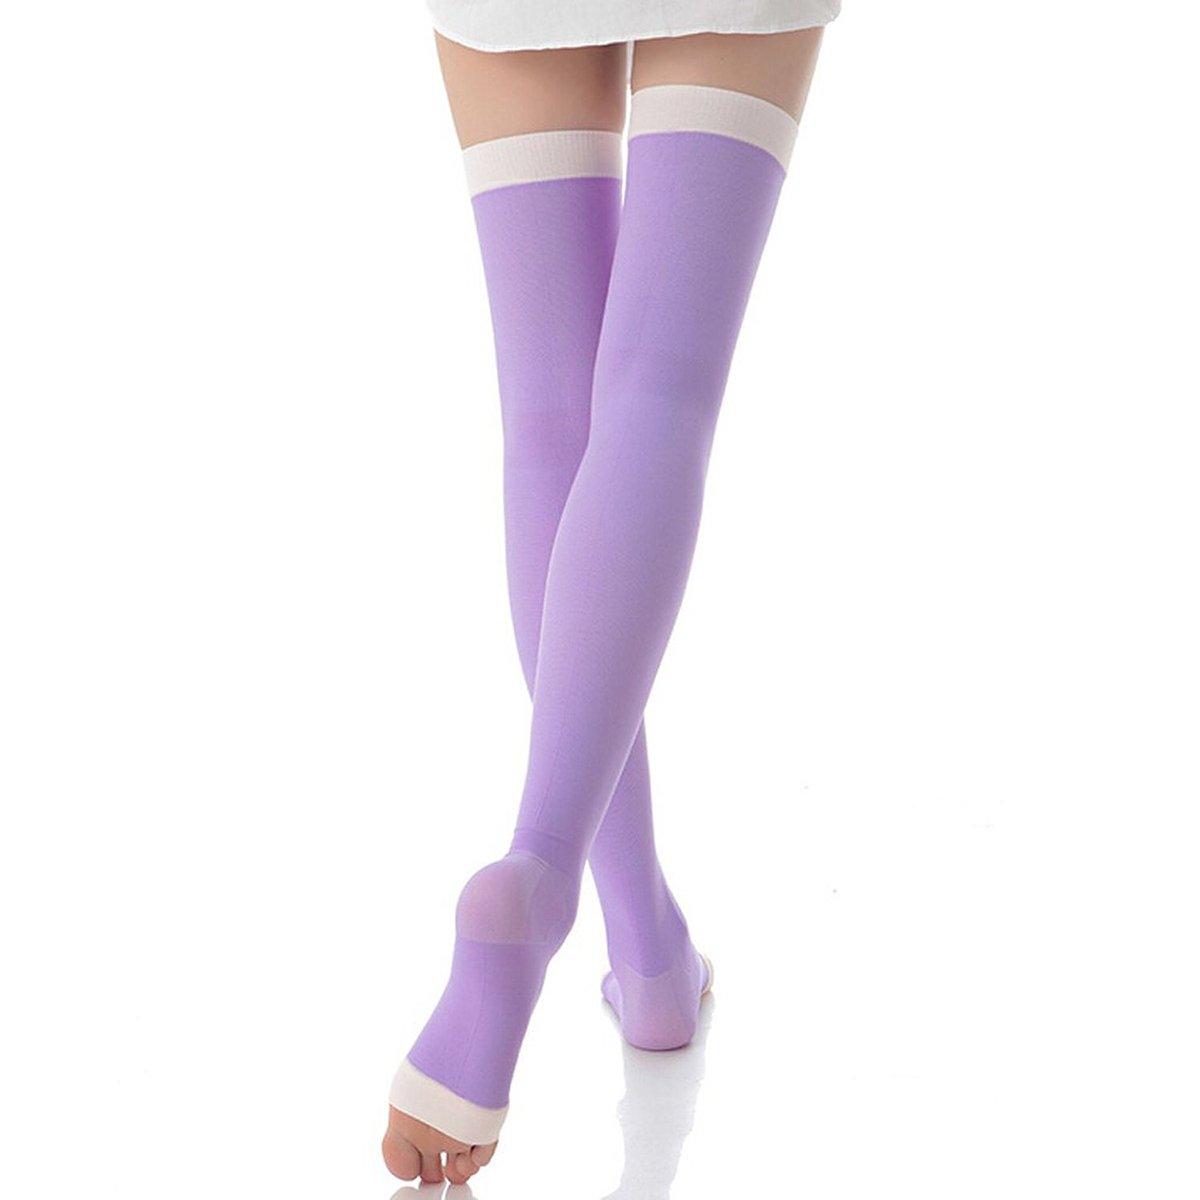 Muslo-alta compresión LEORX speedback calcetines sandalias calcetines de compresión medias bestdeal (morado)